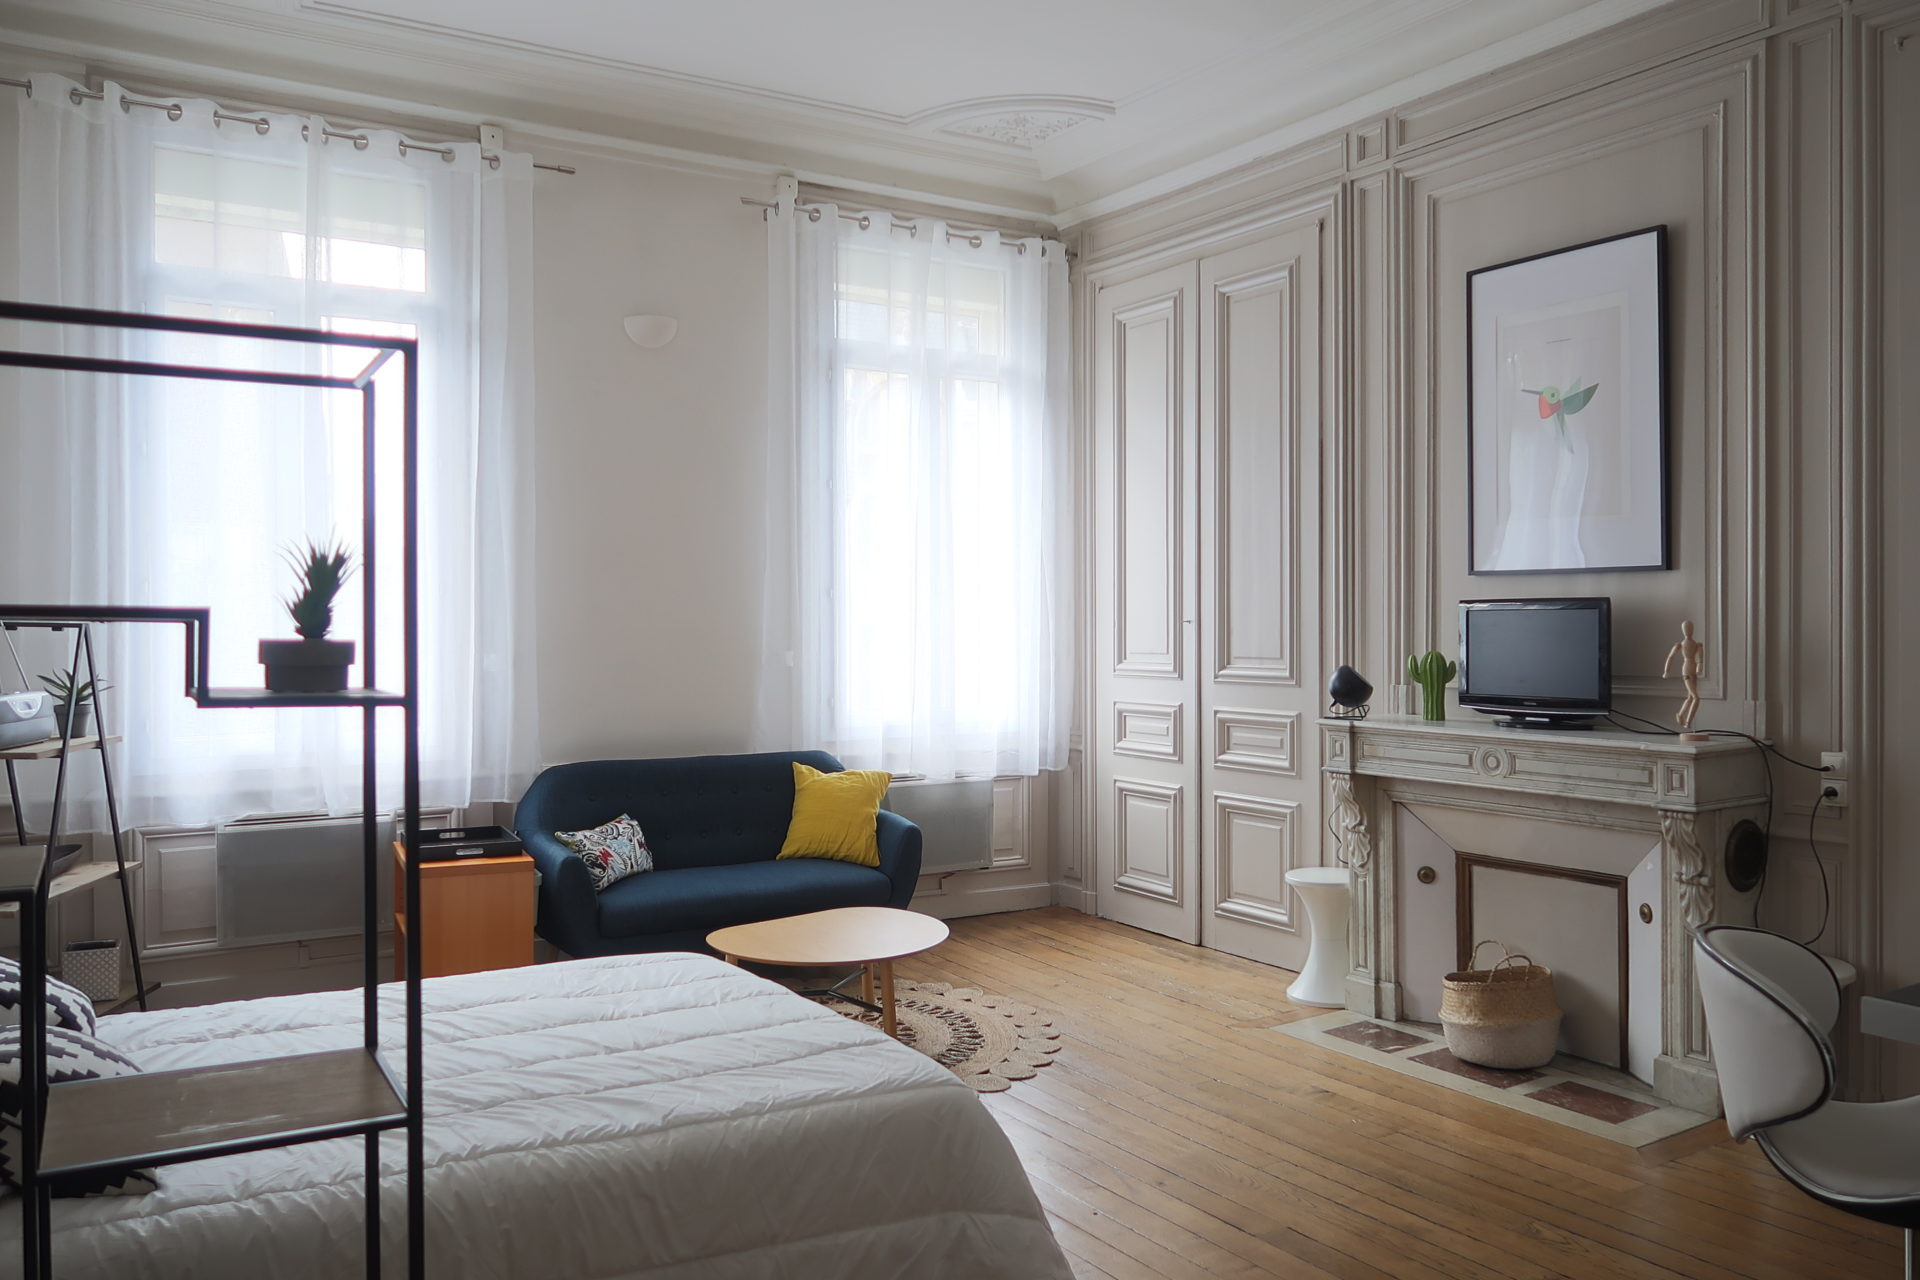 Magnifique studio meublé en hyper centre